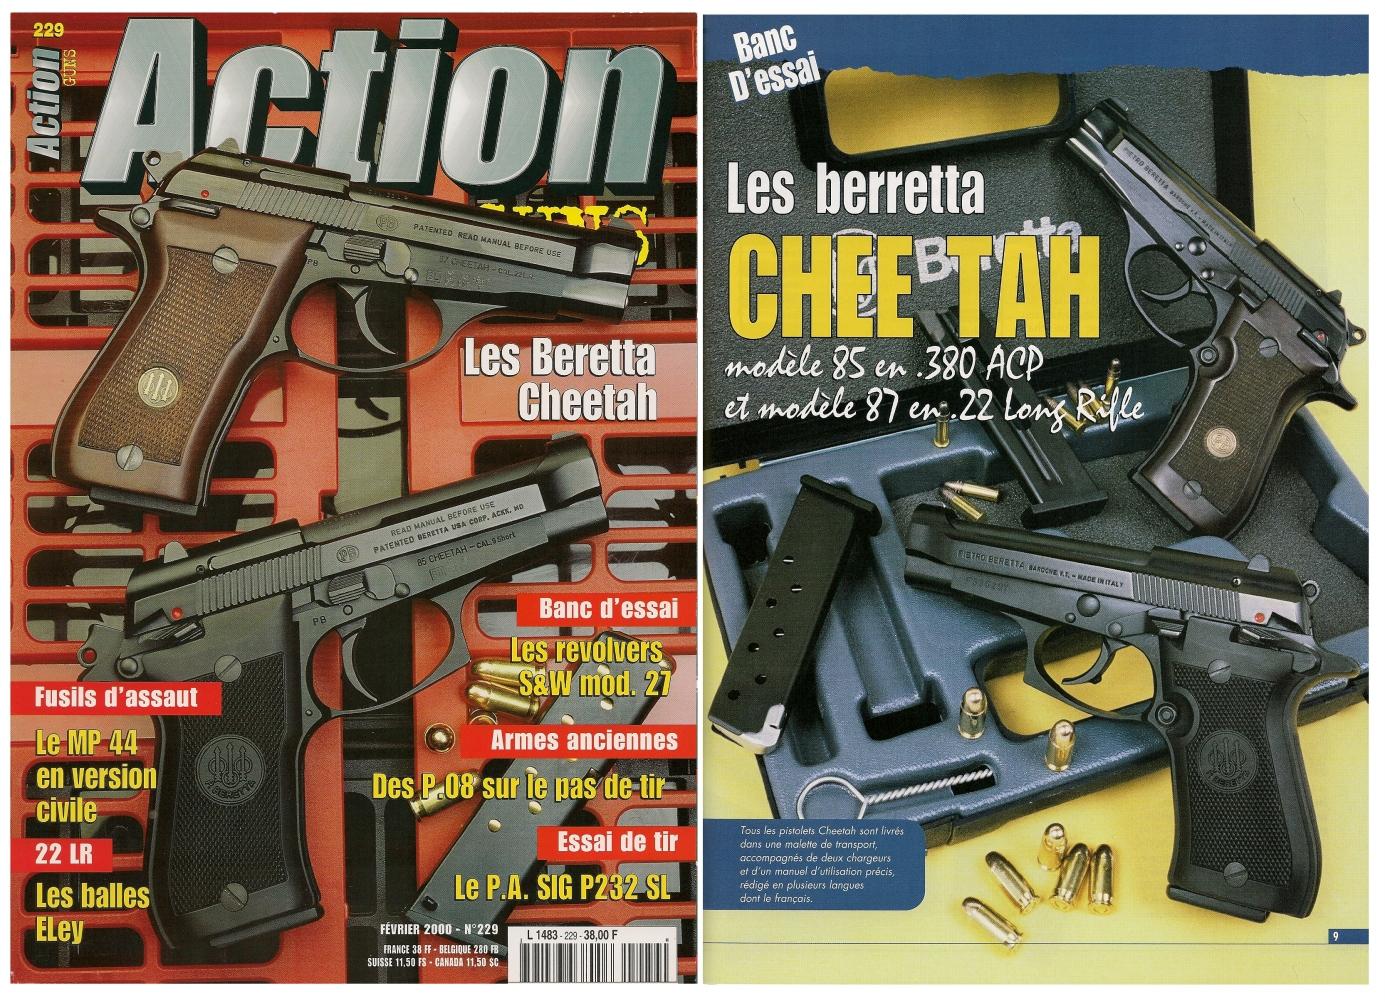 Le banc d'essai des pistolets Beretta Cheetah modèles 85 et 87 a été publié sur 7 pages dans le magazine Action Guns n° 229 (février 2000).